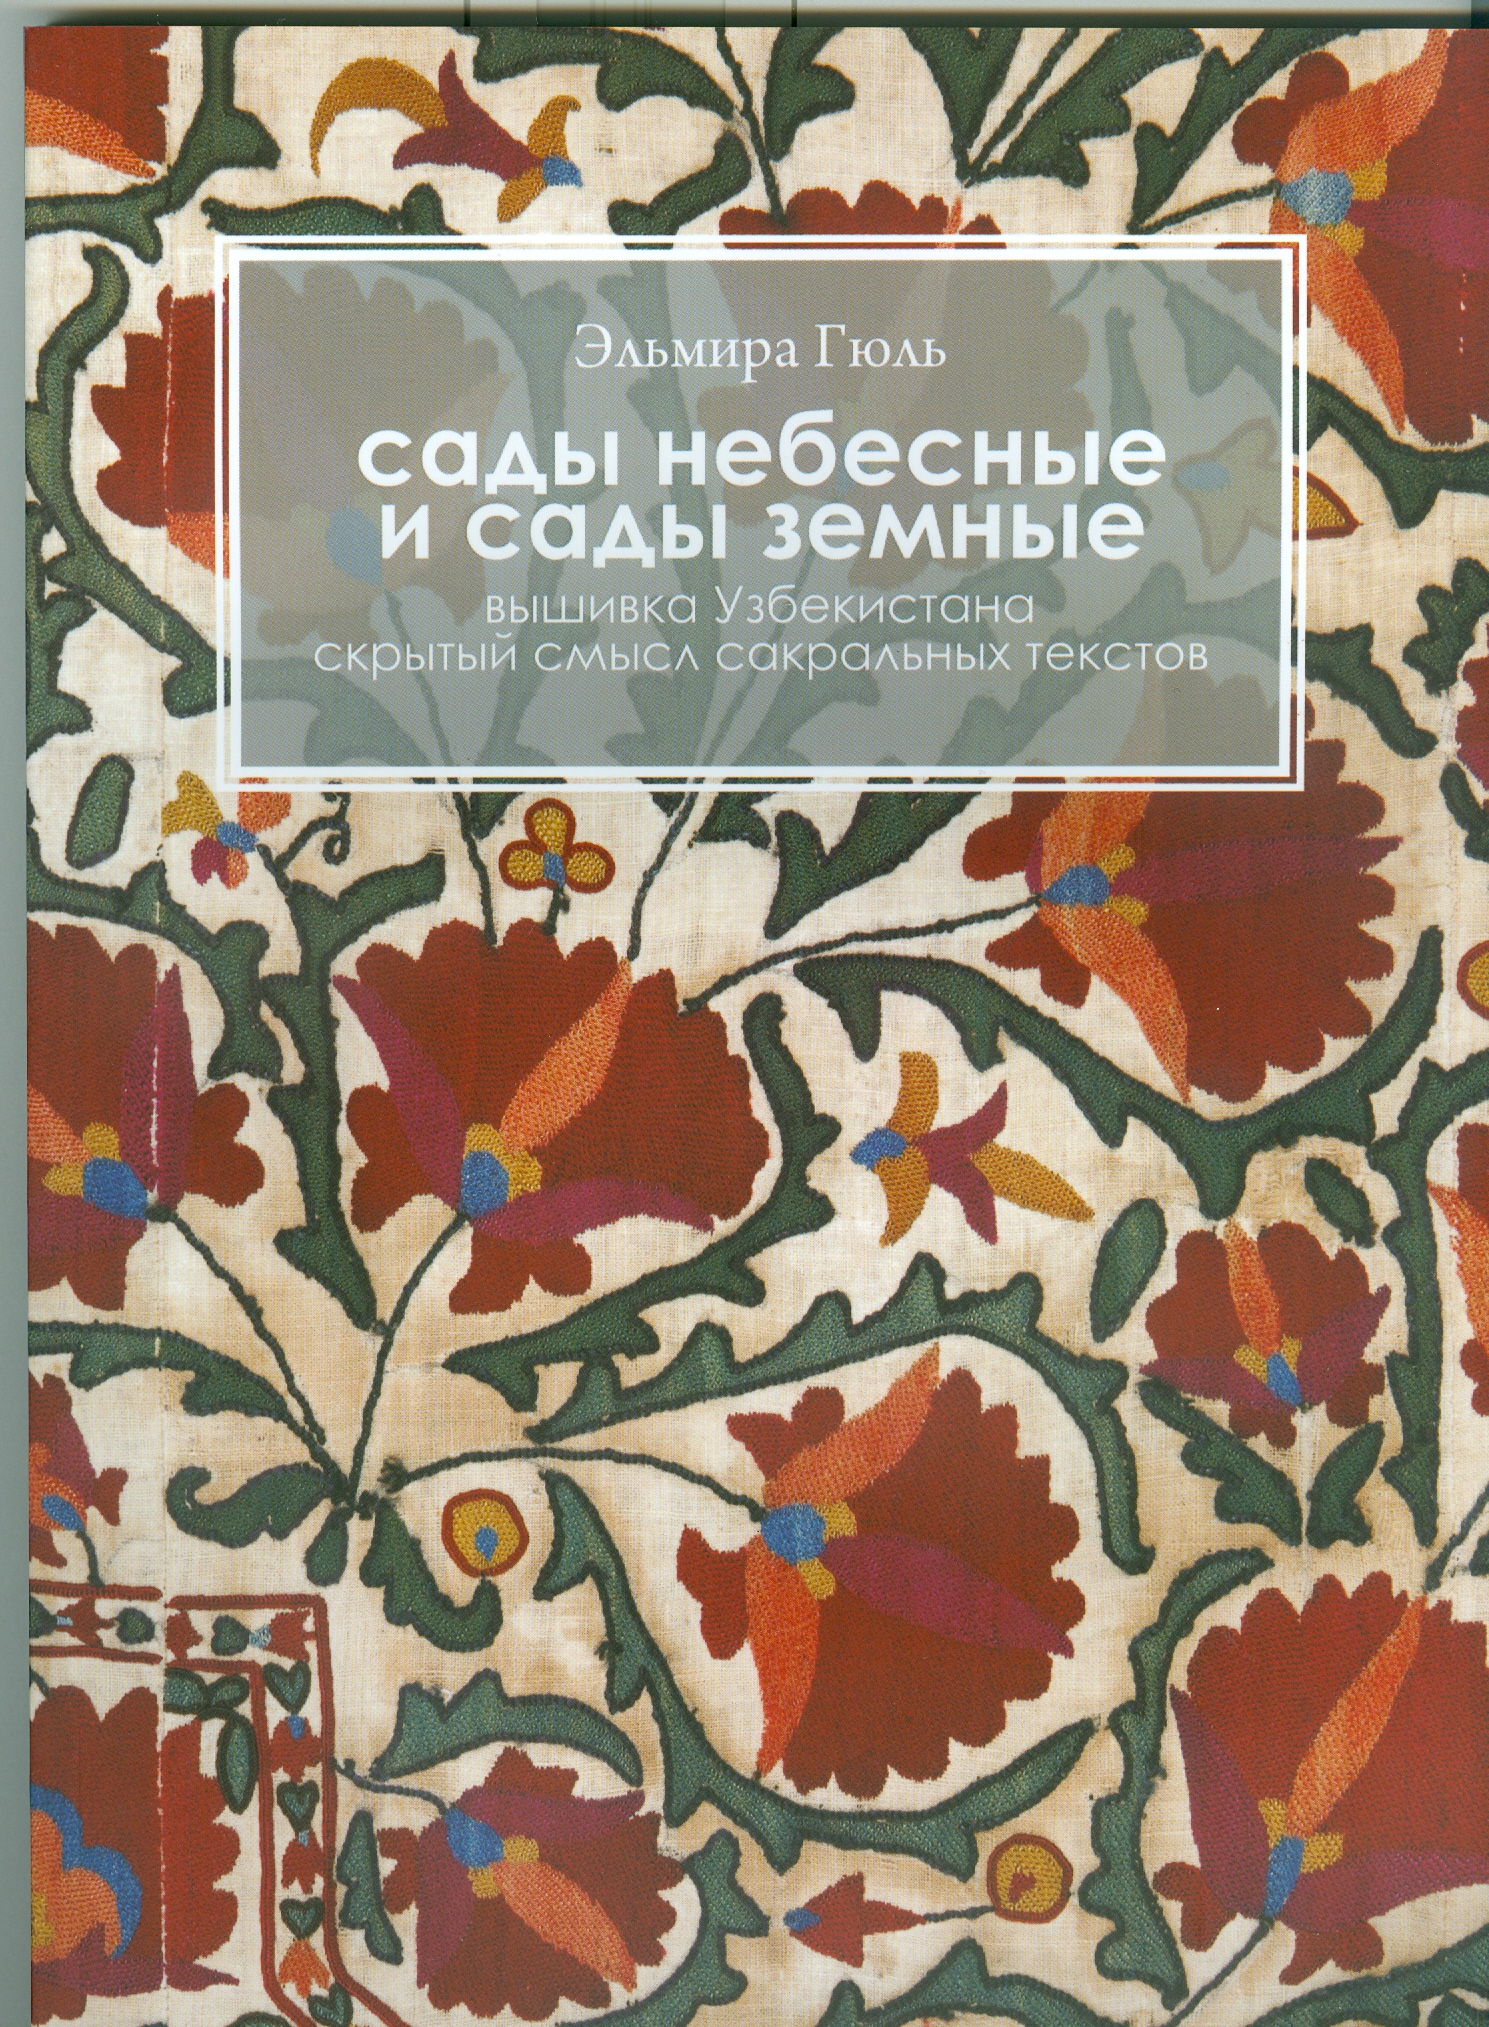 Эльмира Гюль Сады небесные и сады земные. Вышивка Узбекистана. Скрытый смысл сакральных текстов